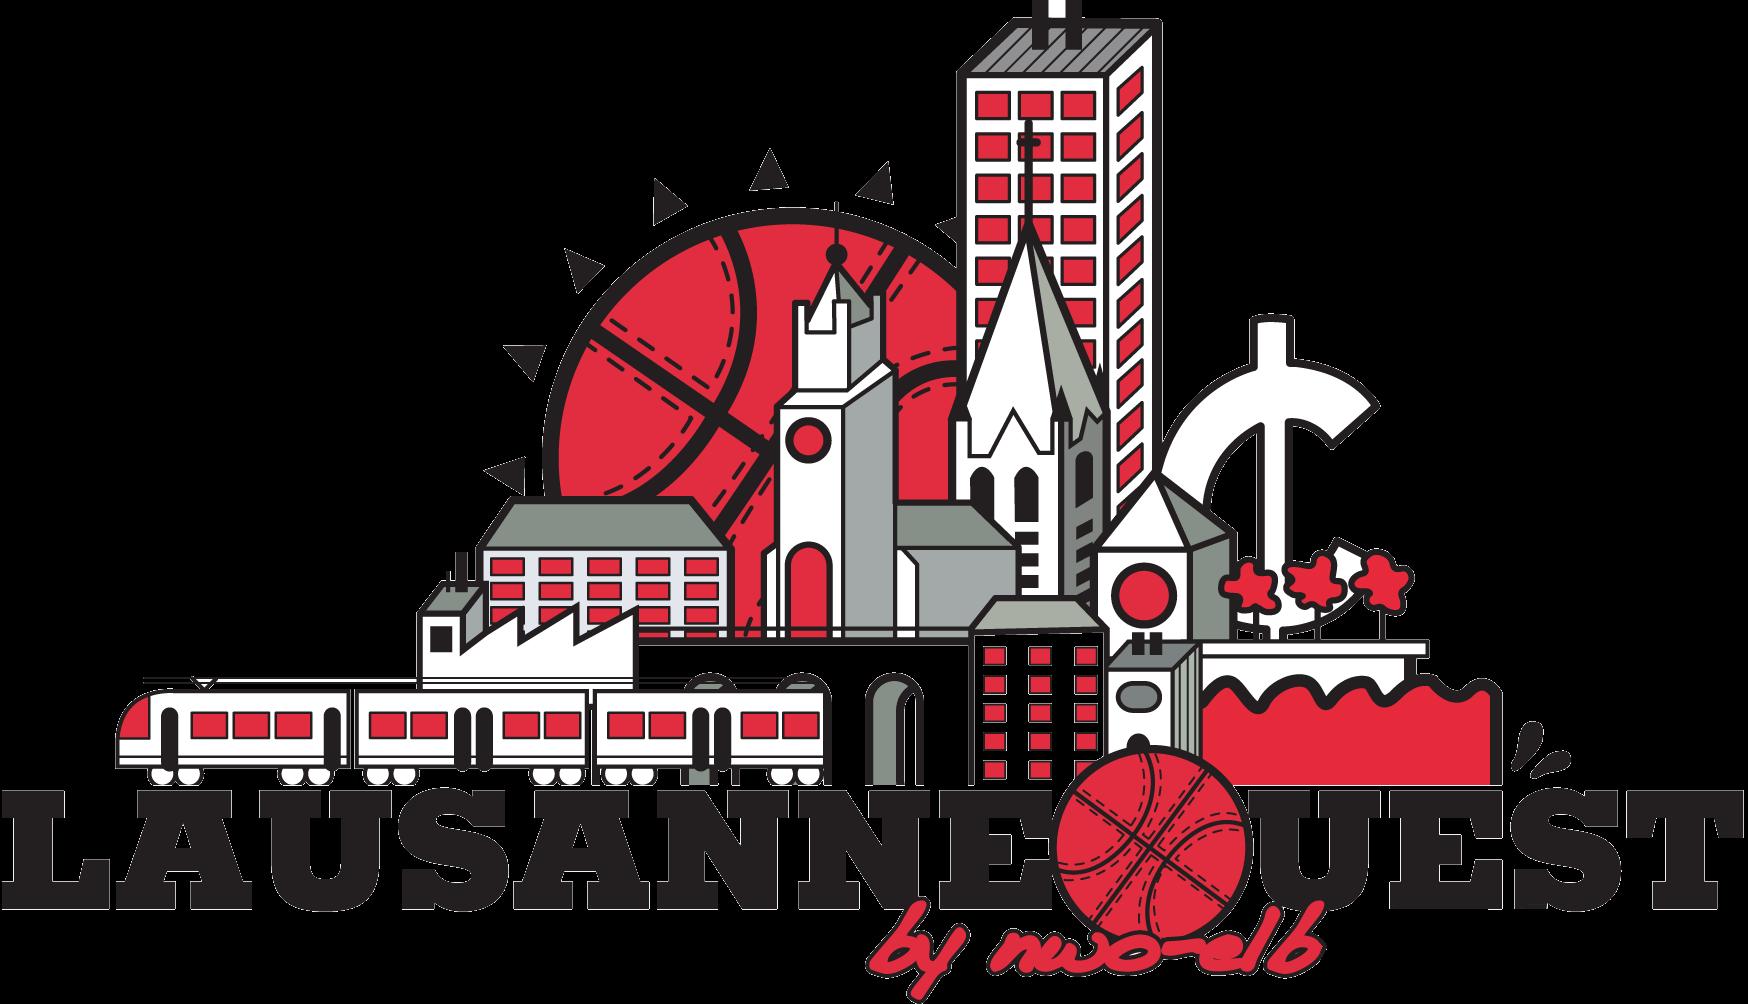 lausanne ouest logo